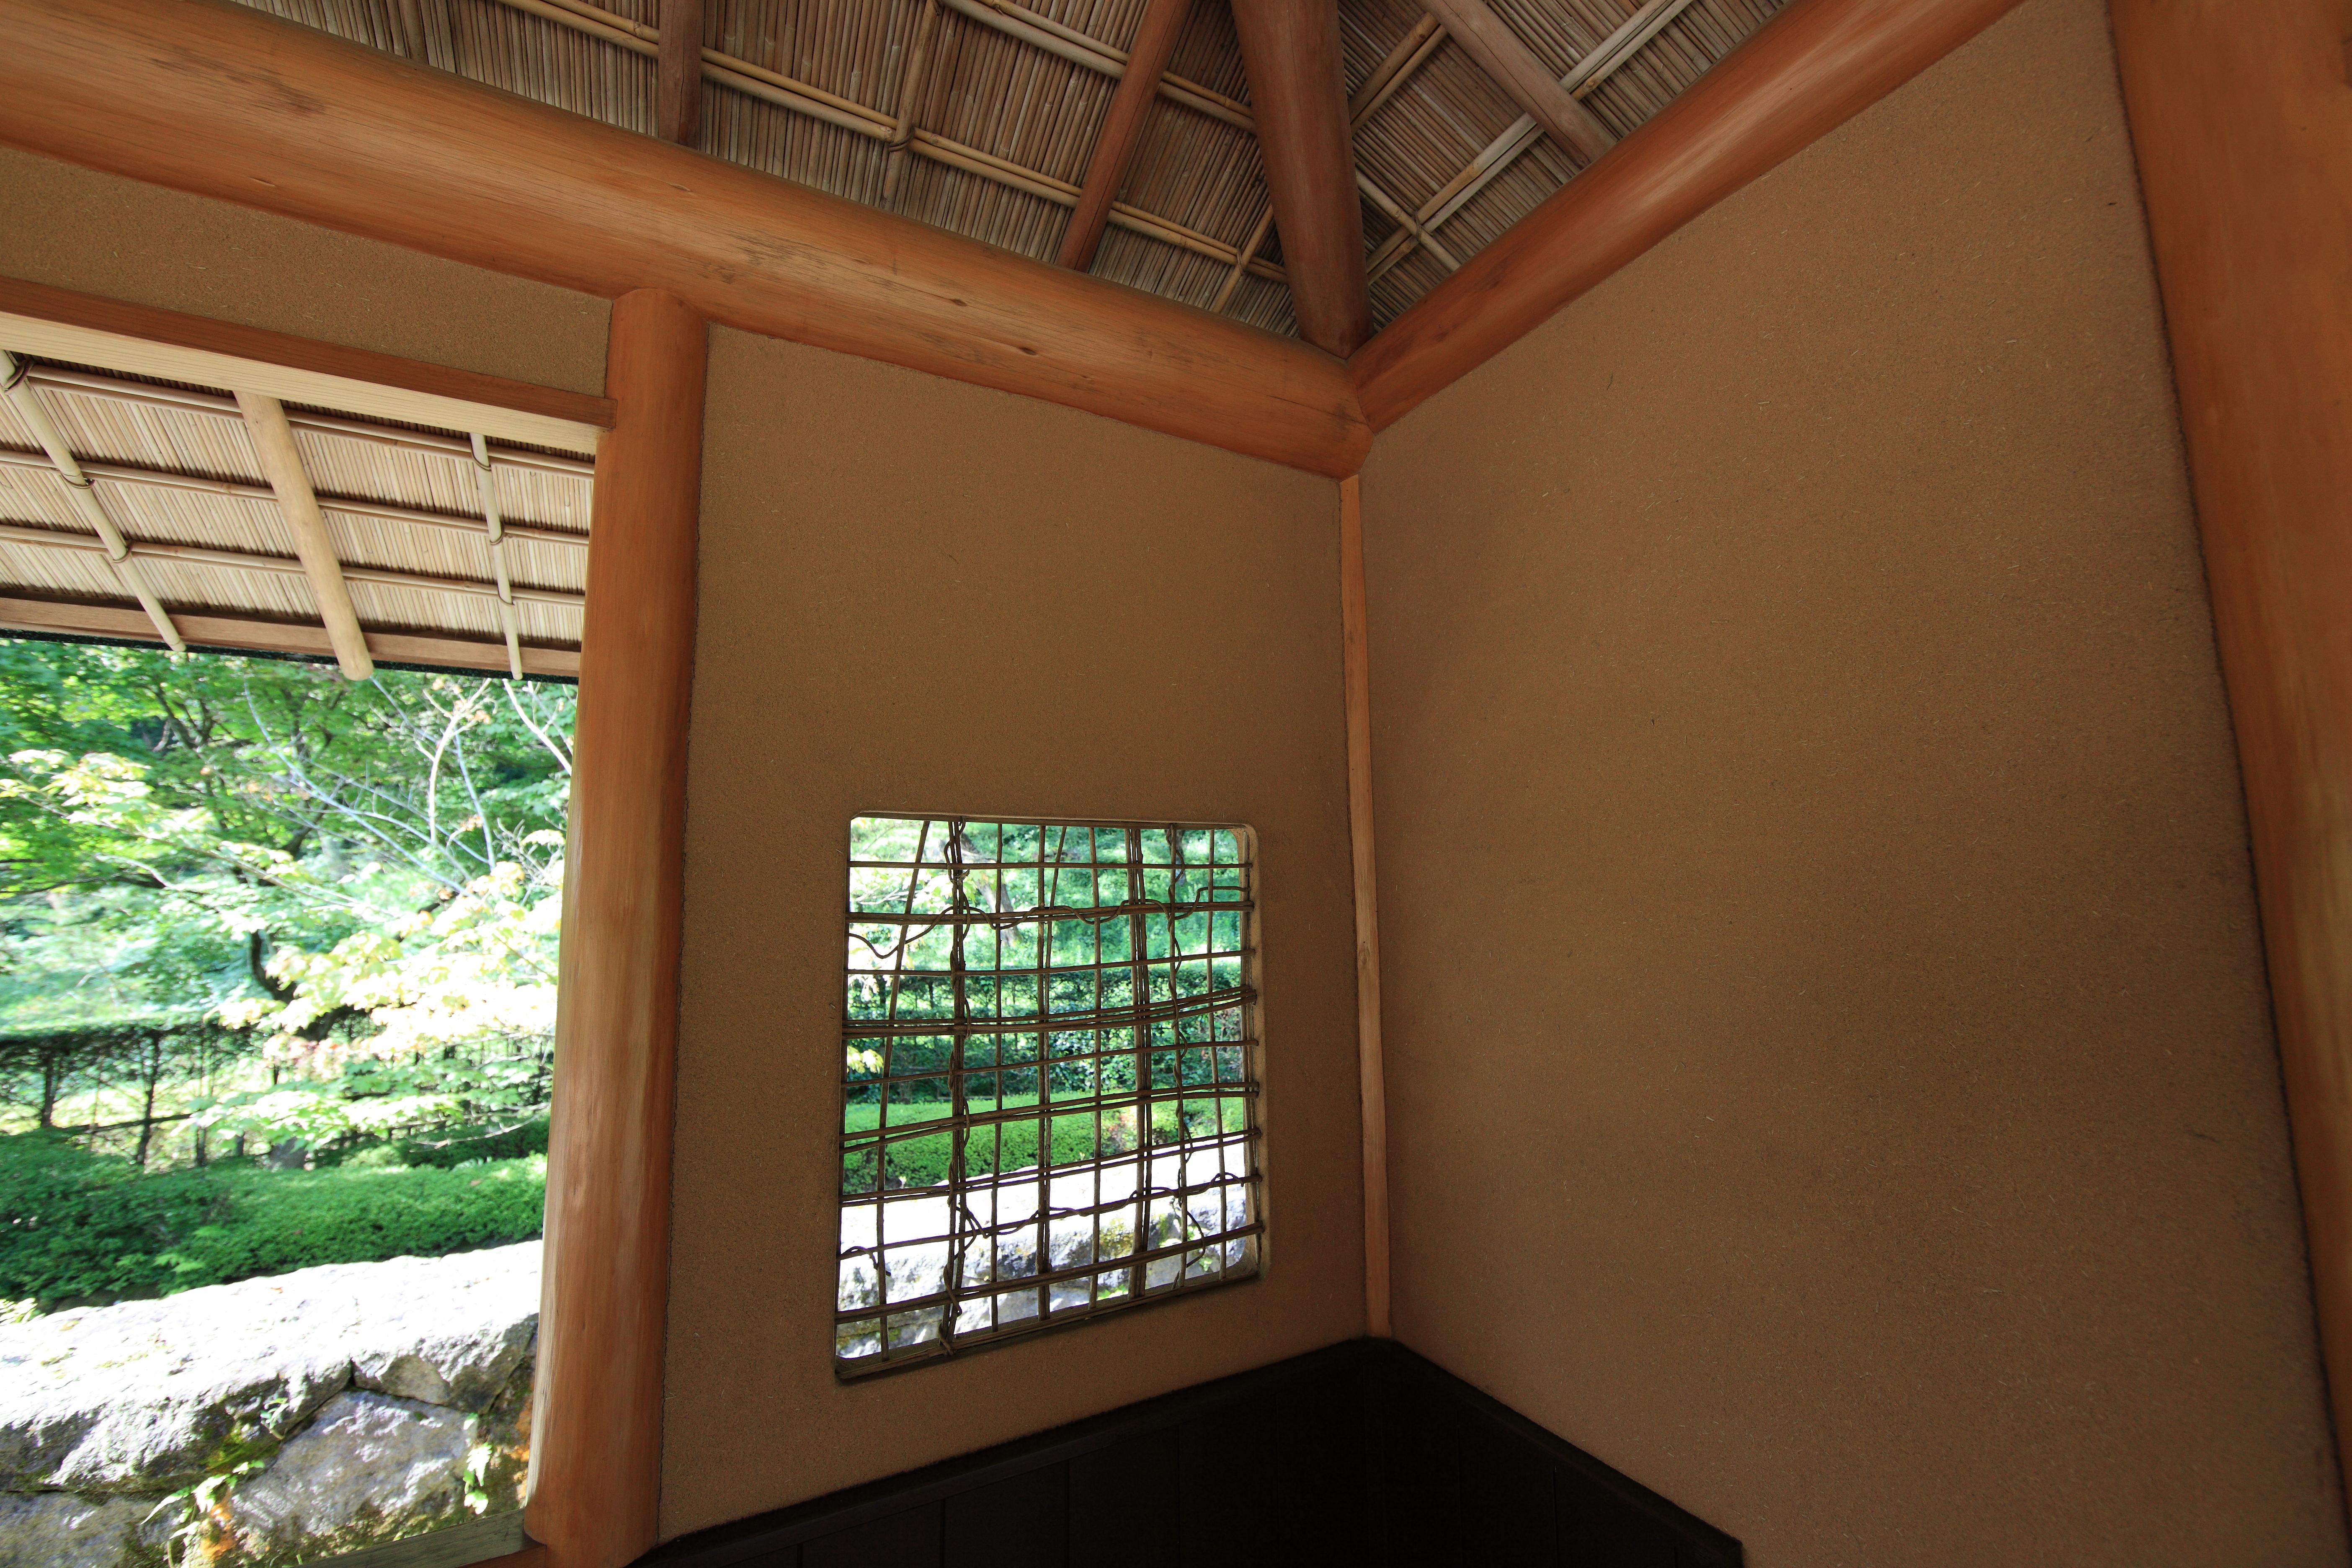 Gambar Kayu Rumah Jendela Dinding Plafon Tinggi Milik Kamar